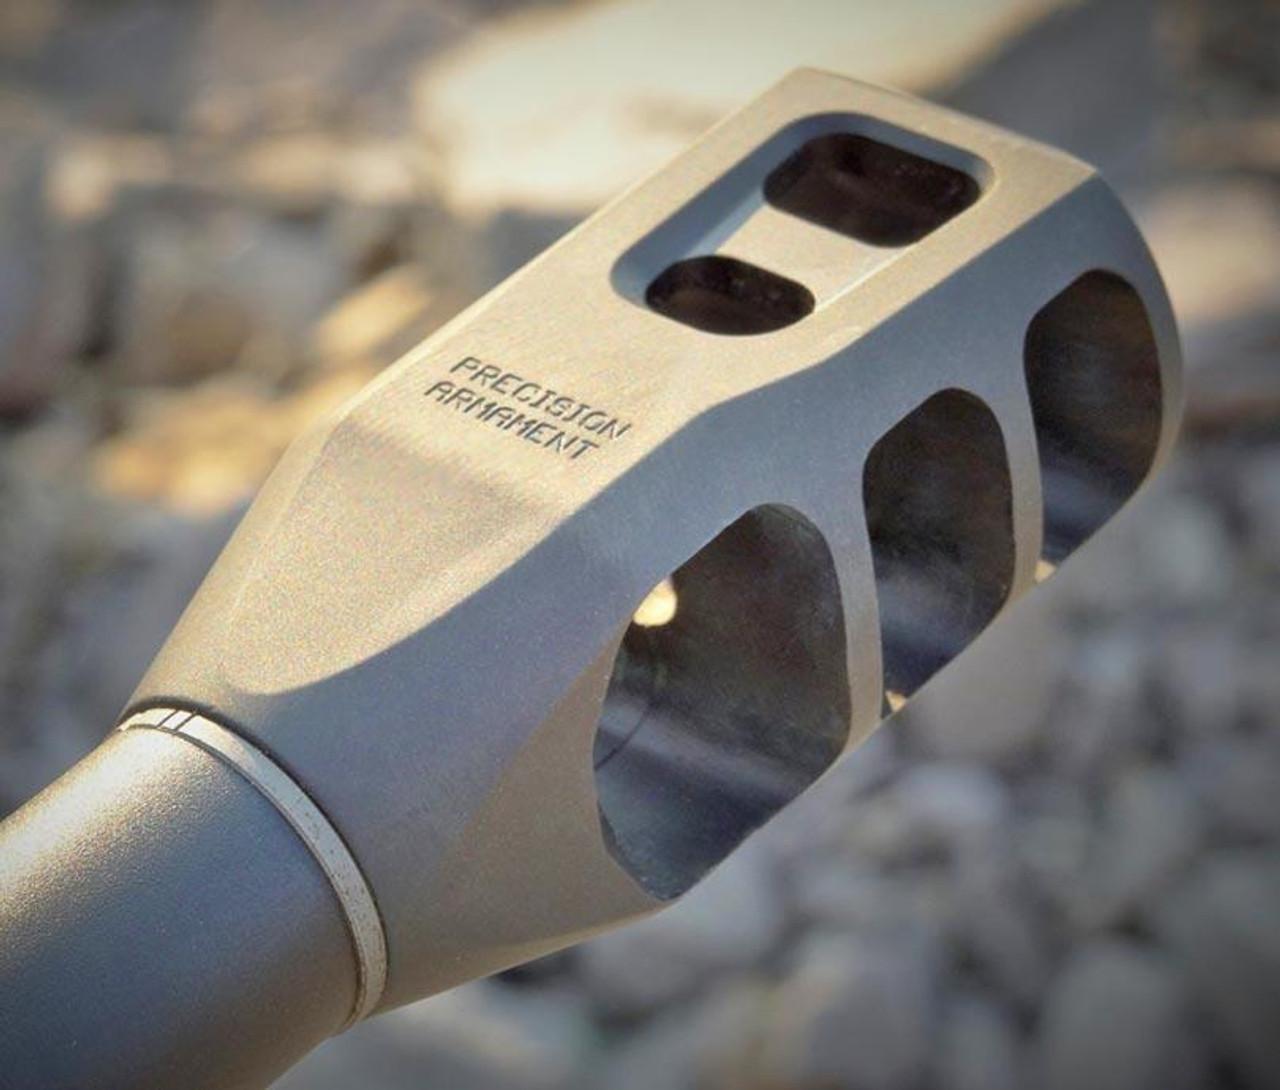 Precision Armament - M11 Severe Duty Muzzle Brake 6 5mm ( 264)